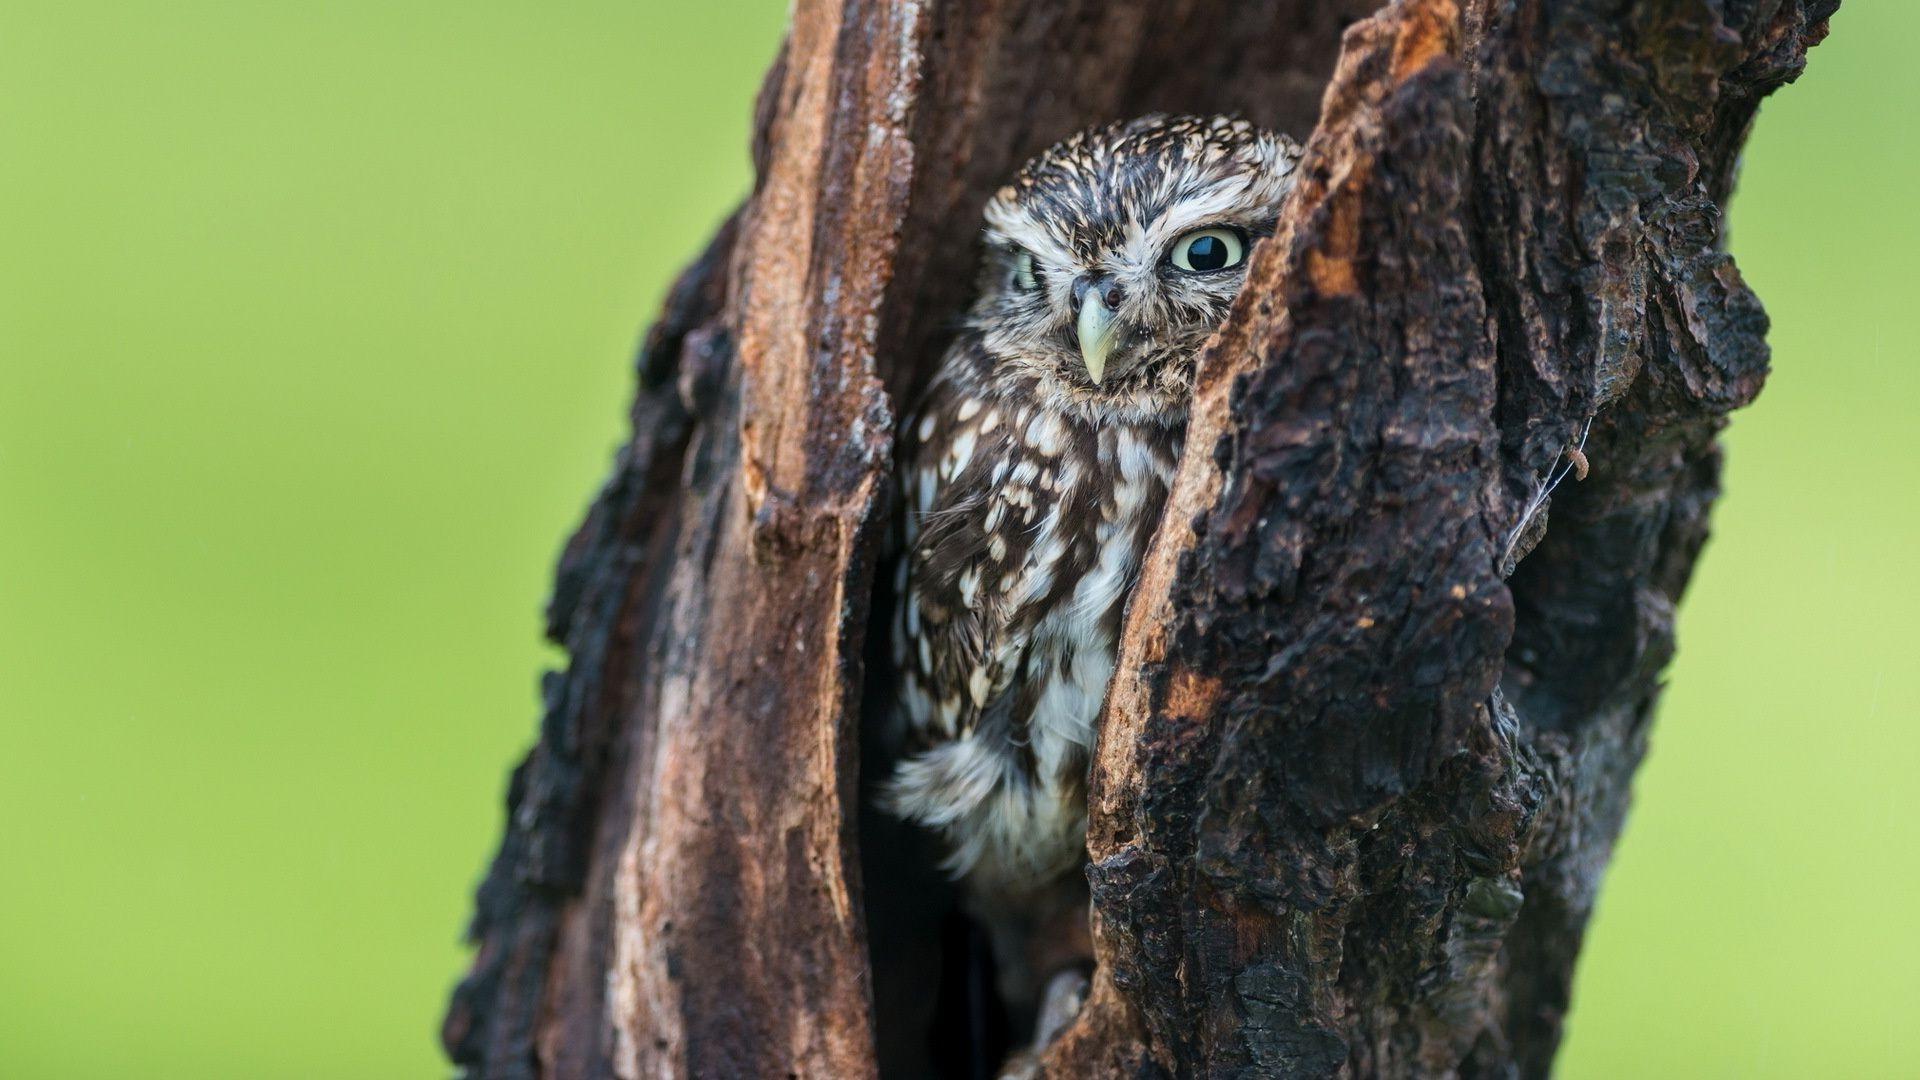 совы птицы дерево животные природа онлайн